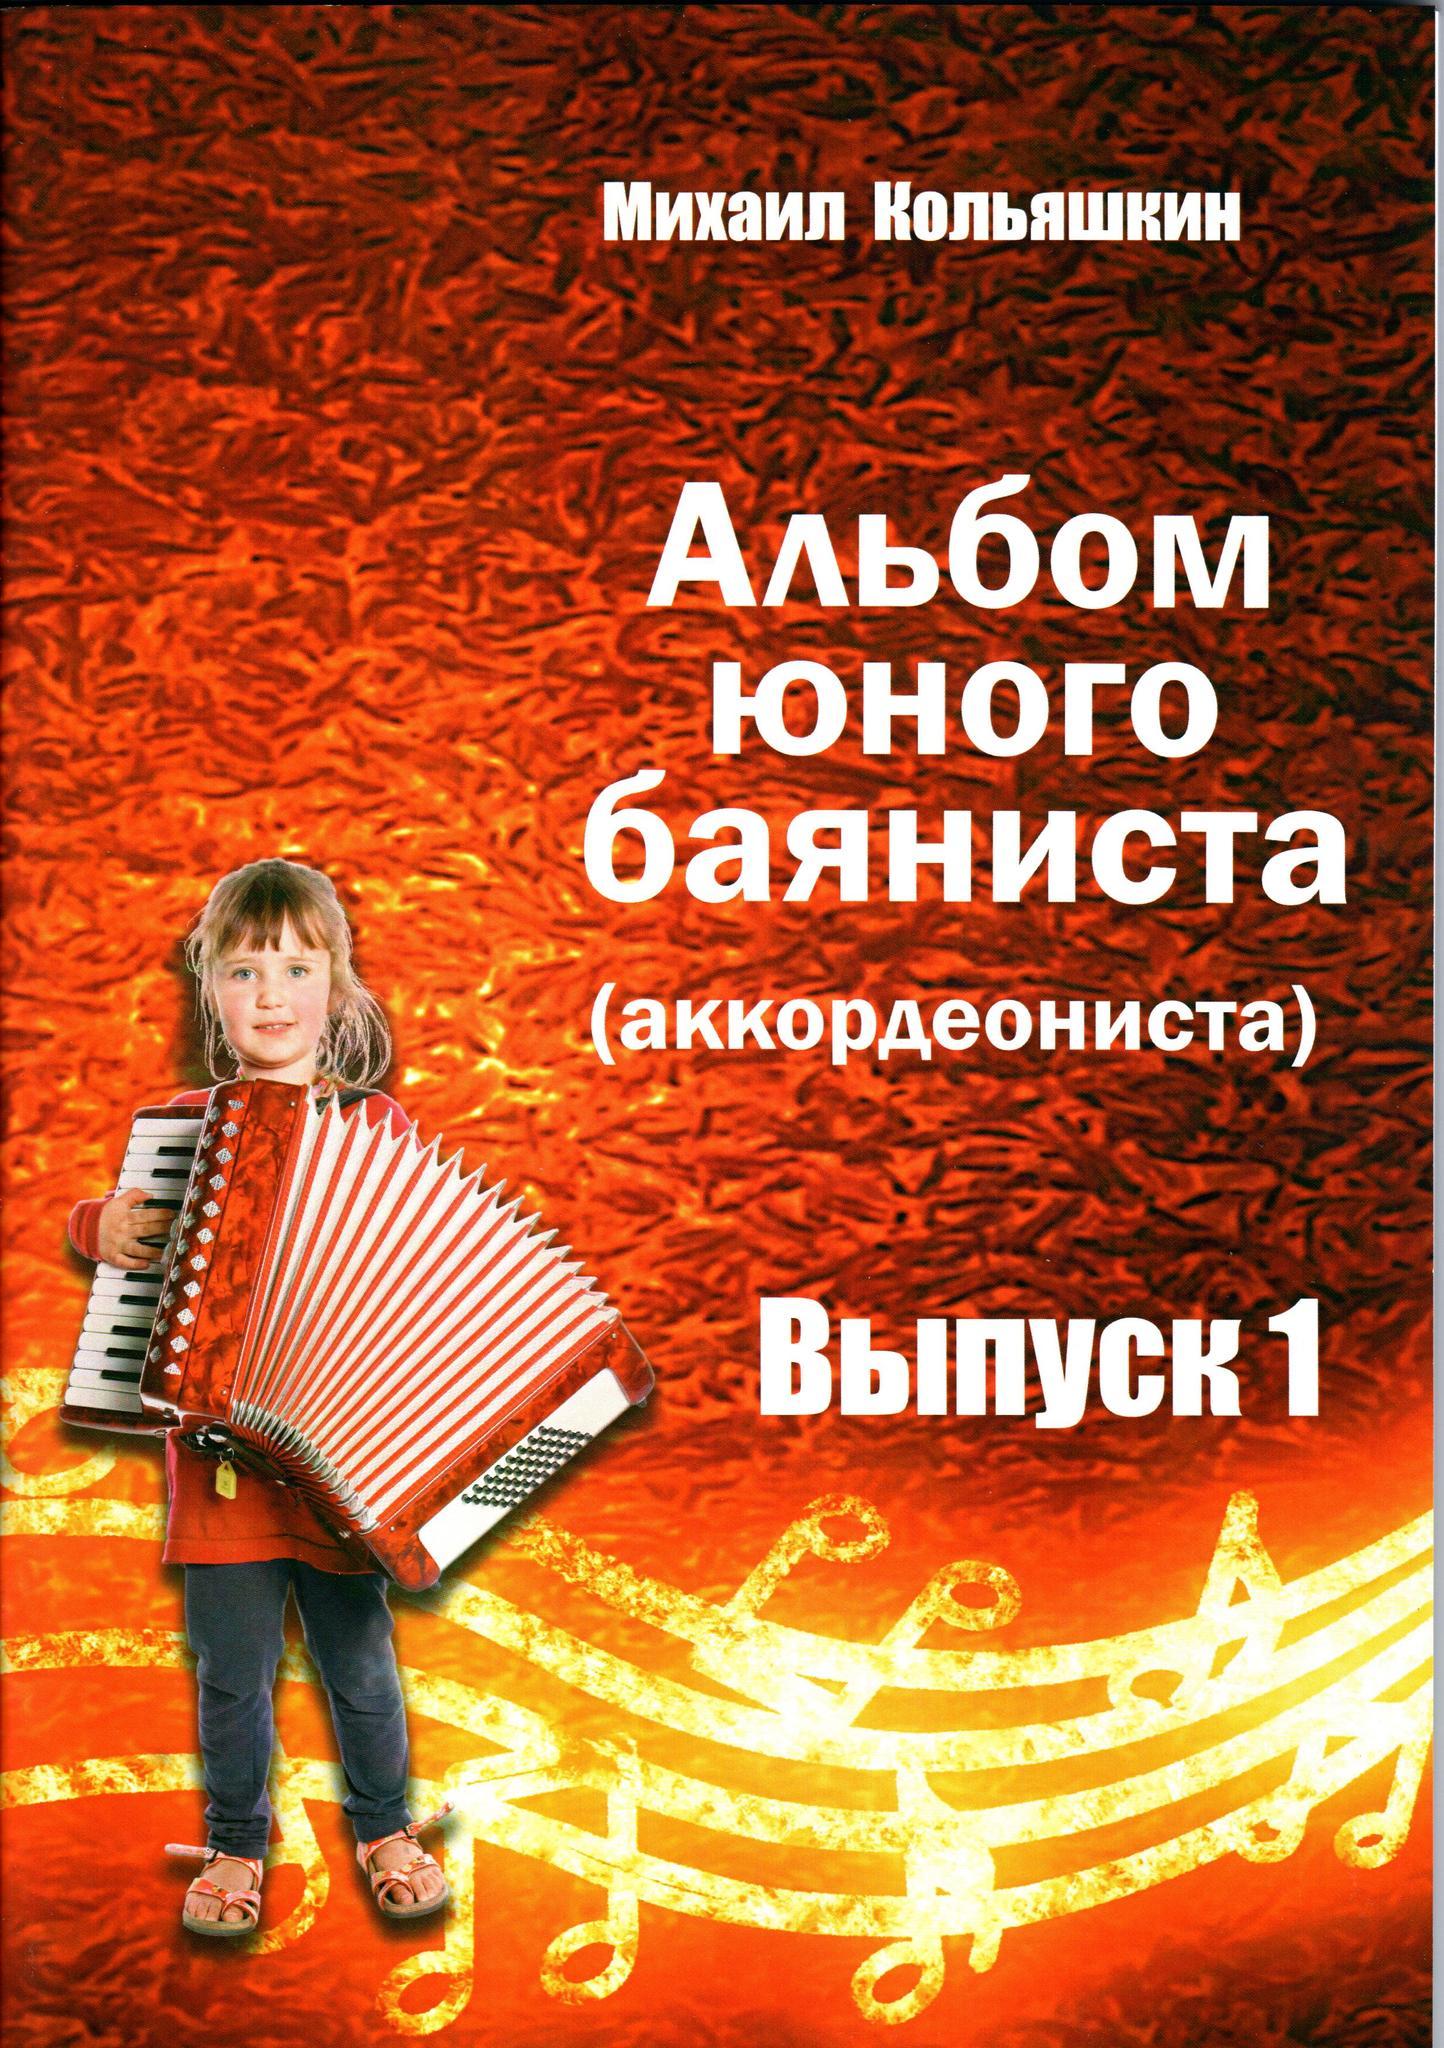 М. Кольяшкин. Альбом юного баяниста (аккордеониста). Выпуск